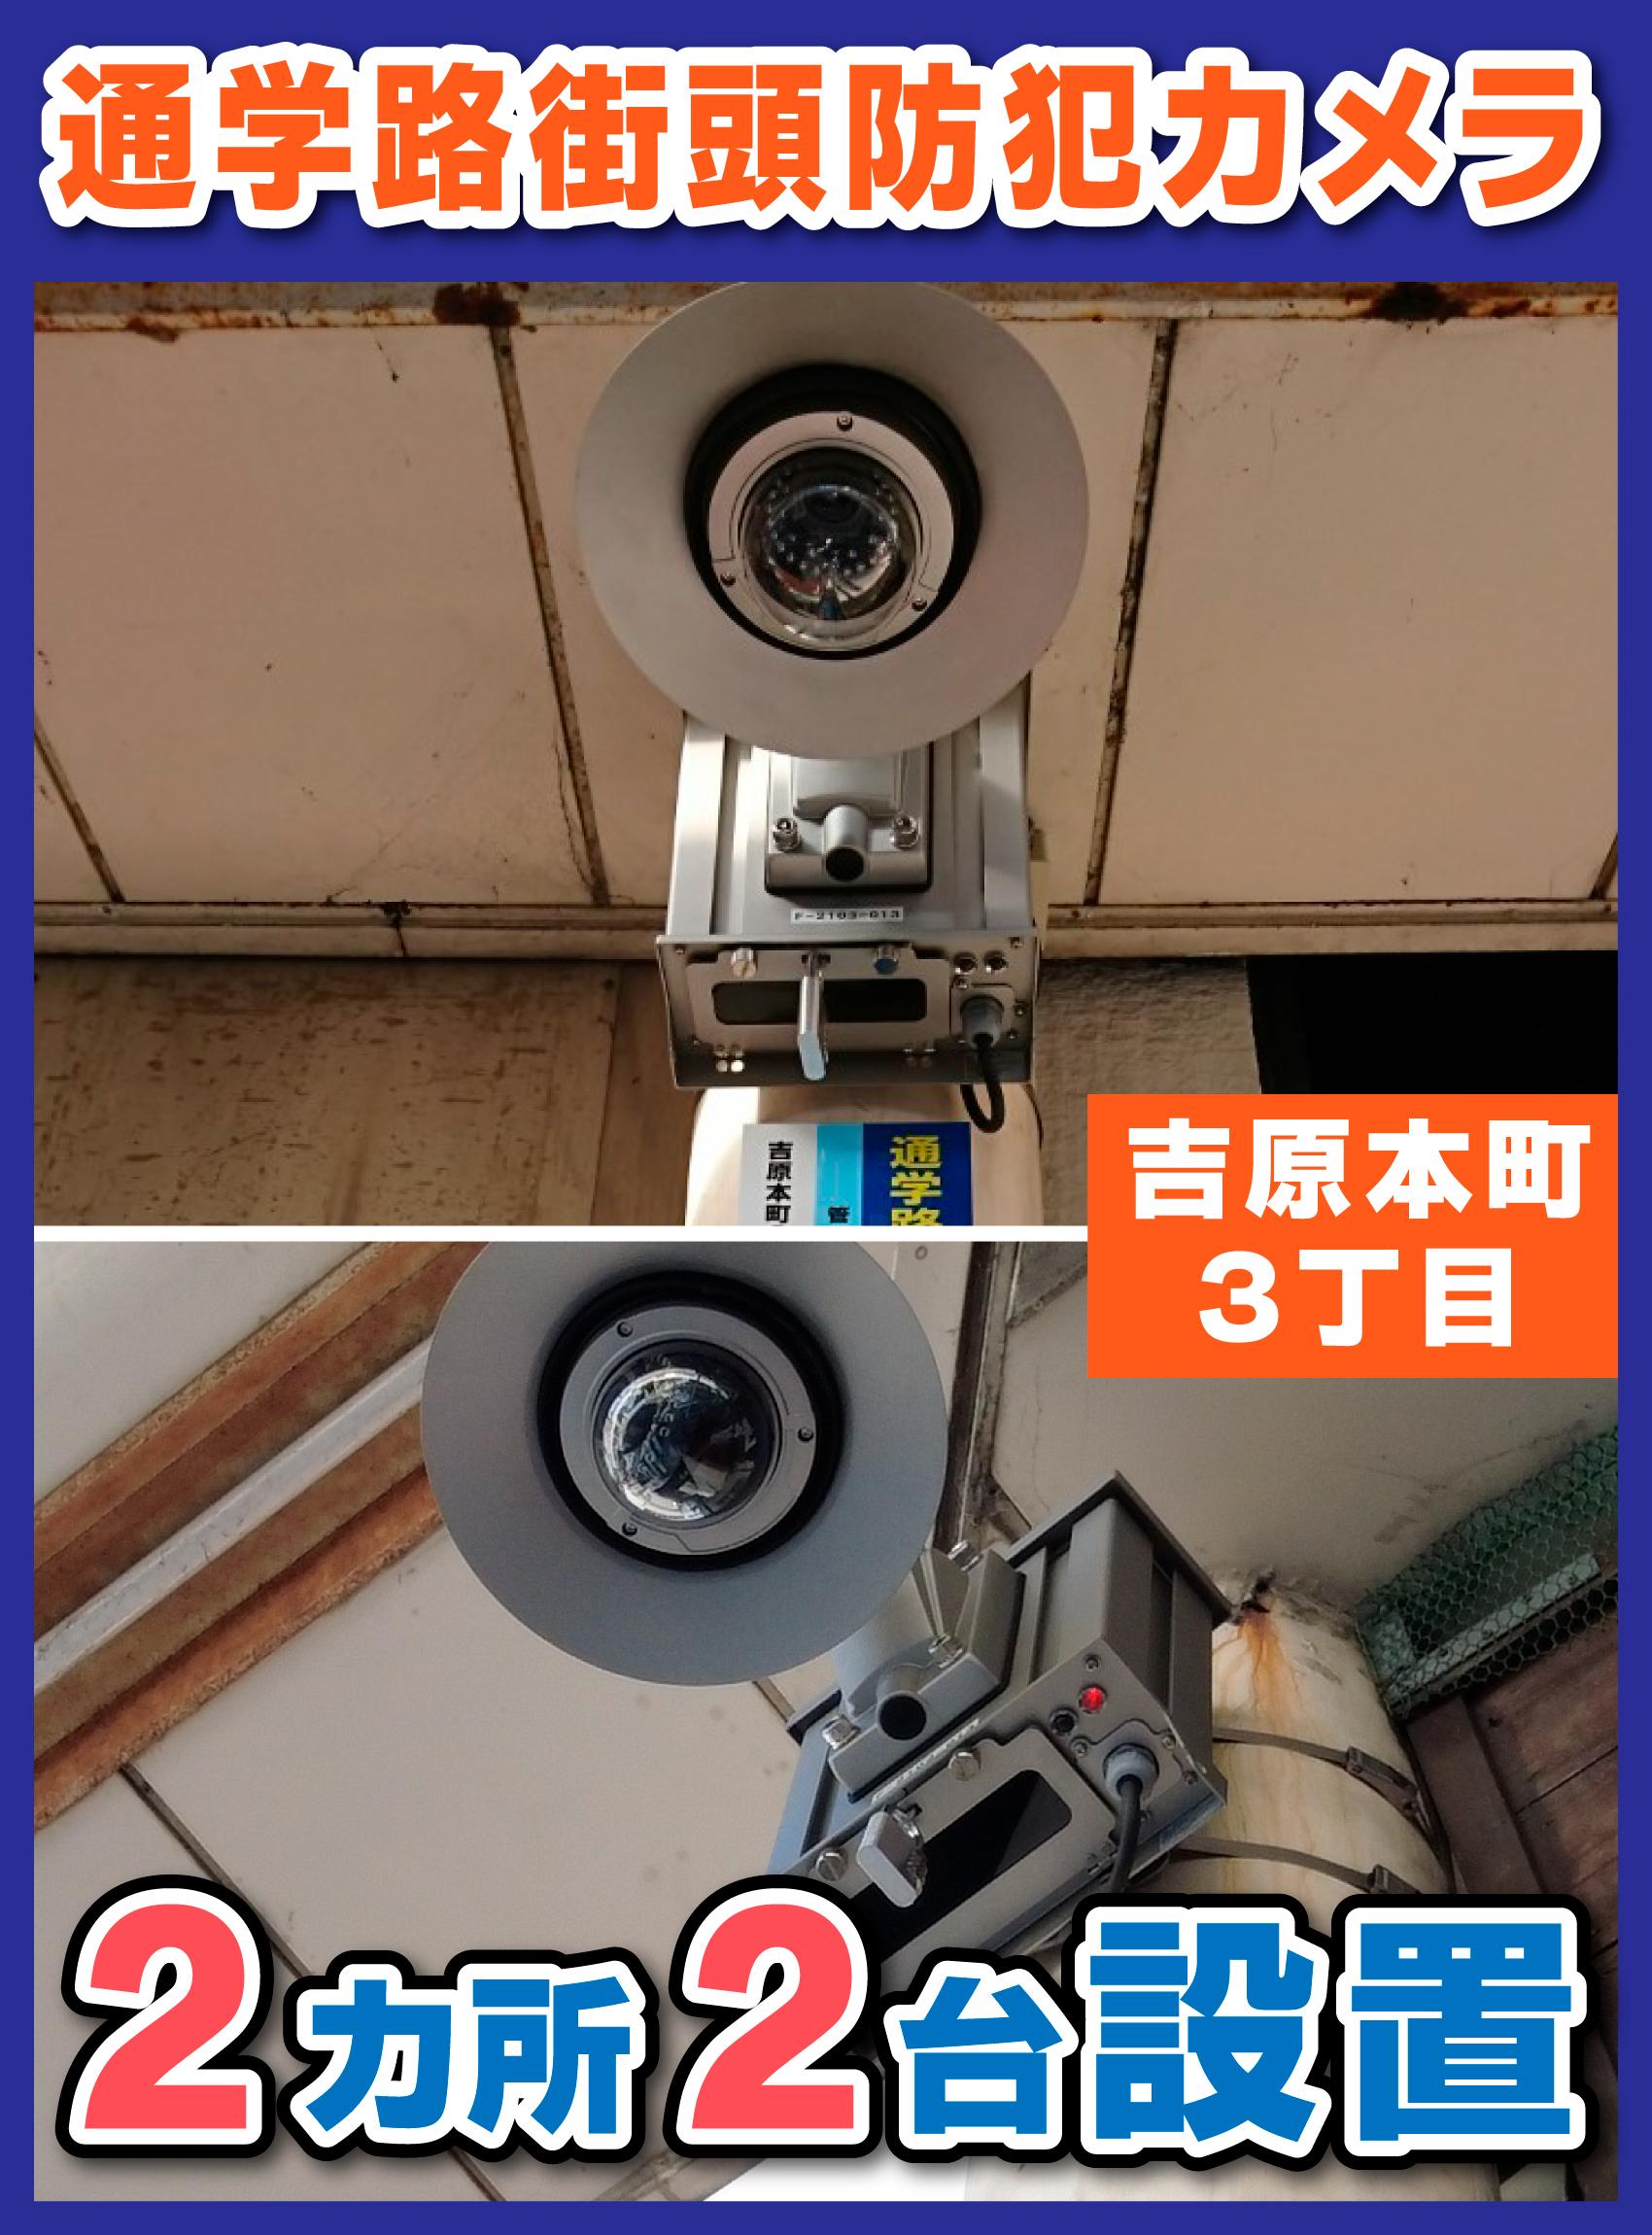 【街頭防犯カメラシリーズ】吉原本町3丁目様